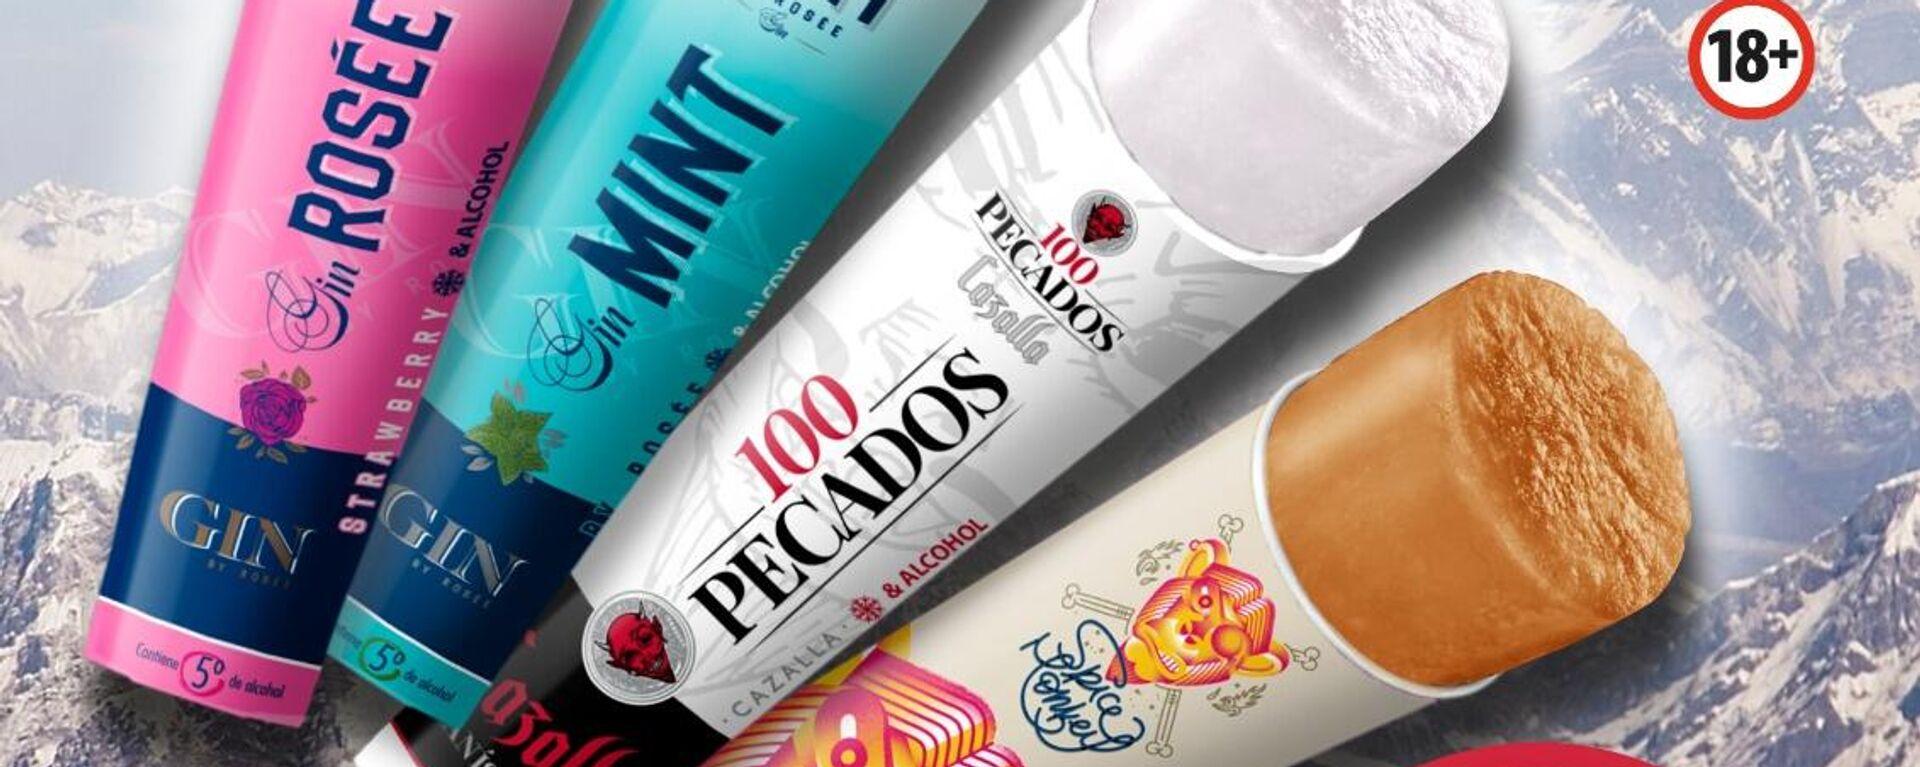 Nuevos sorbetes con alcohol 'made in Spain' - Sputnik Mundo, 1920, 13.05.2021